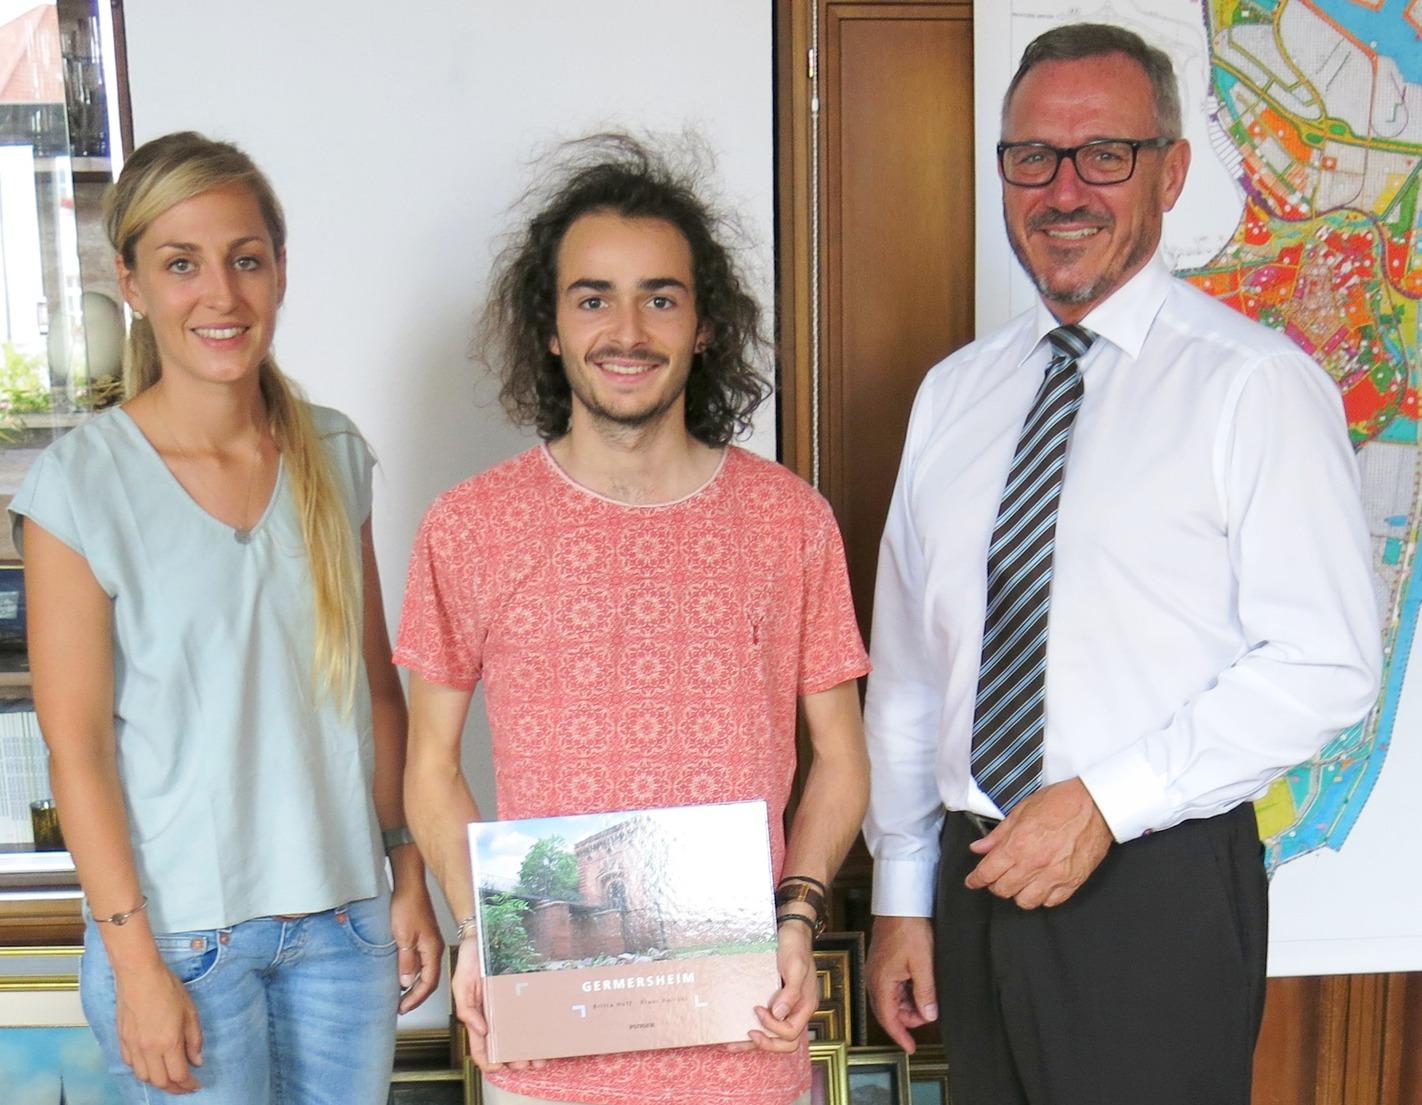 Katrin Kunz, Firmin Landré, Bürgermeister Marcus Schaile.